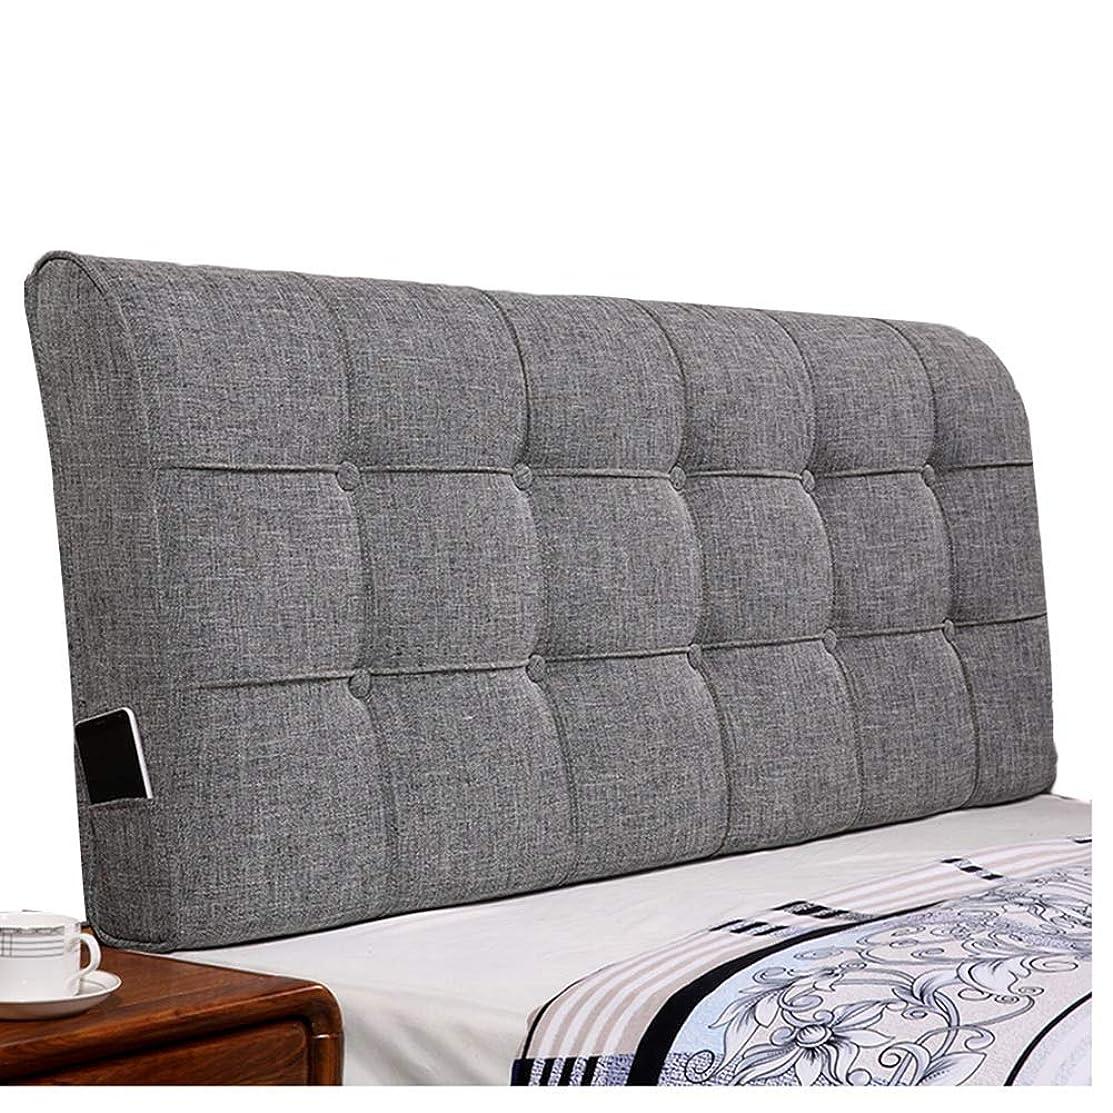 興味入り口サージWZBヘッドボードクッション快適な耐摩耗性衝突防止枕サポートウエスト洗える、3色、6サイズ(色:グレー、サイズ:90x60x12cm)